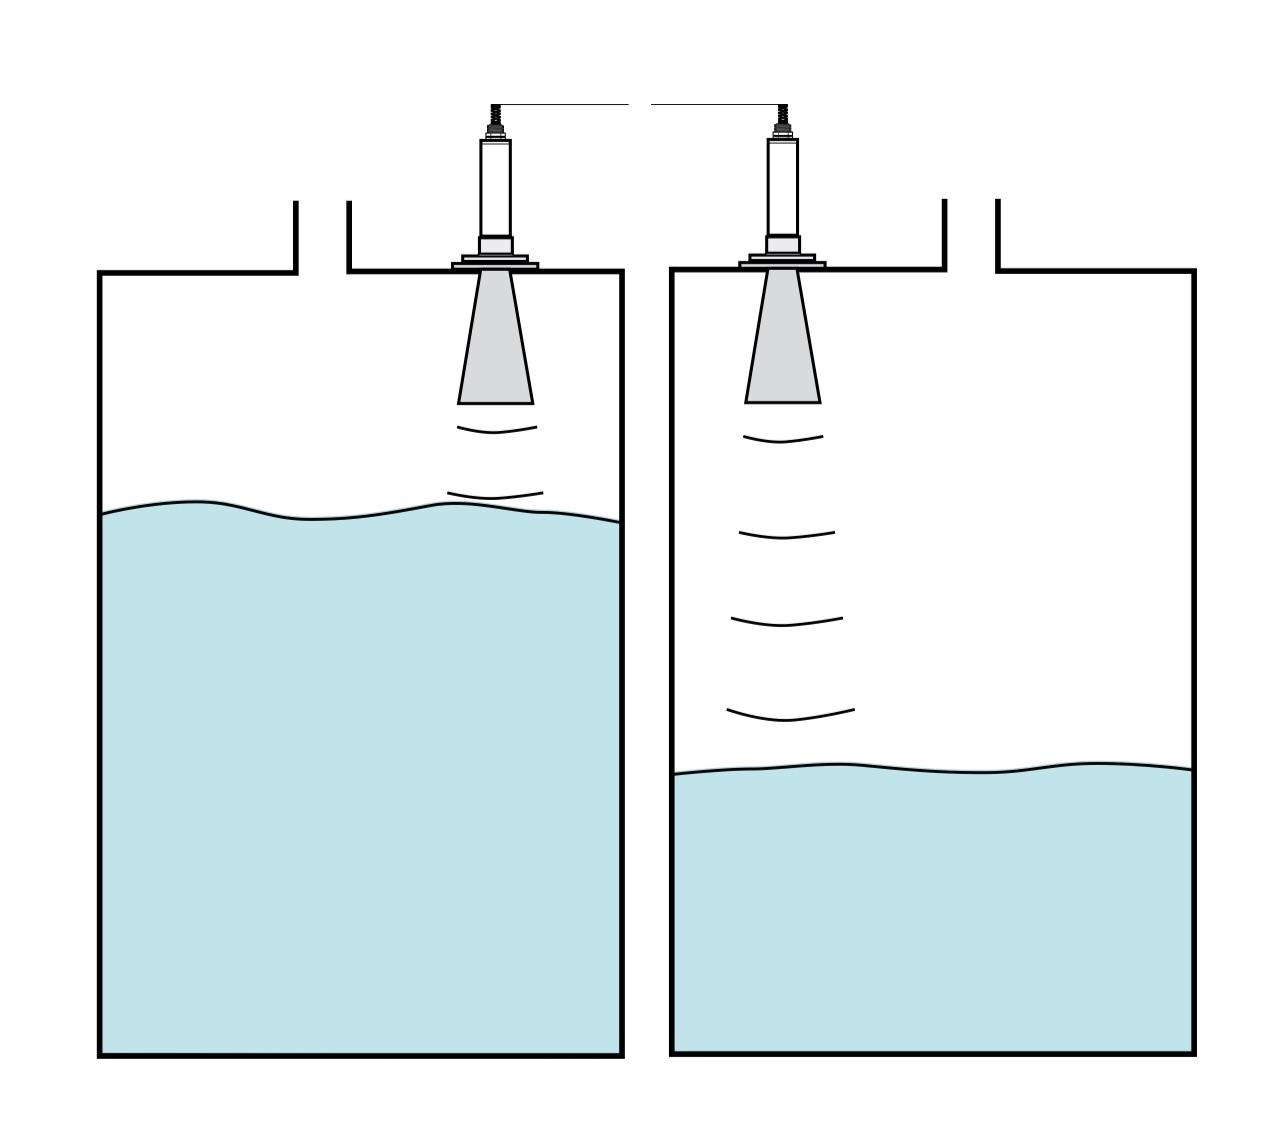 Cách lắp cảm biến đo mức nước